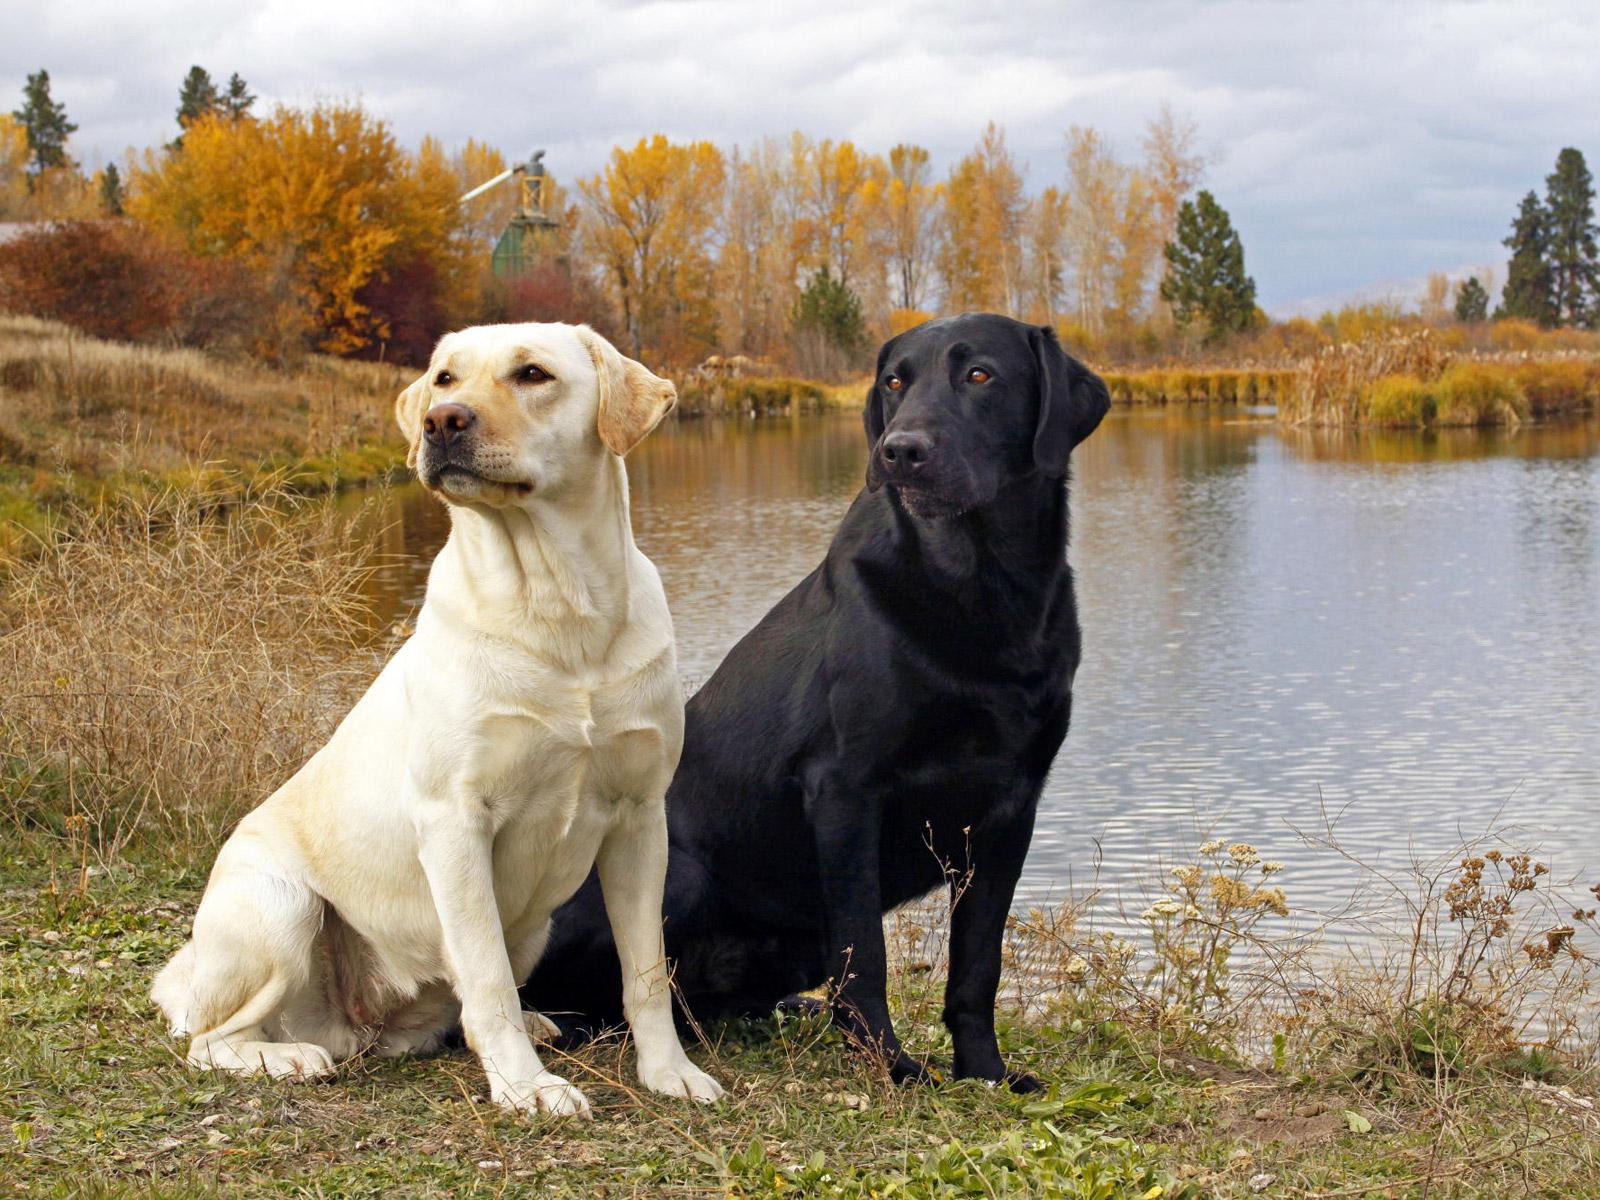 http://3.bp.blogspot.com/-UuFmrcg9-d0/T83UU1_z0AI/AAAAAAAABqI/4eJkzrfUuq4/s1600/Labrador+Retrievers+images.jpg